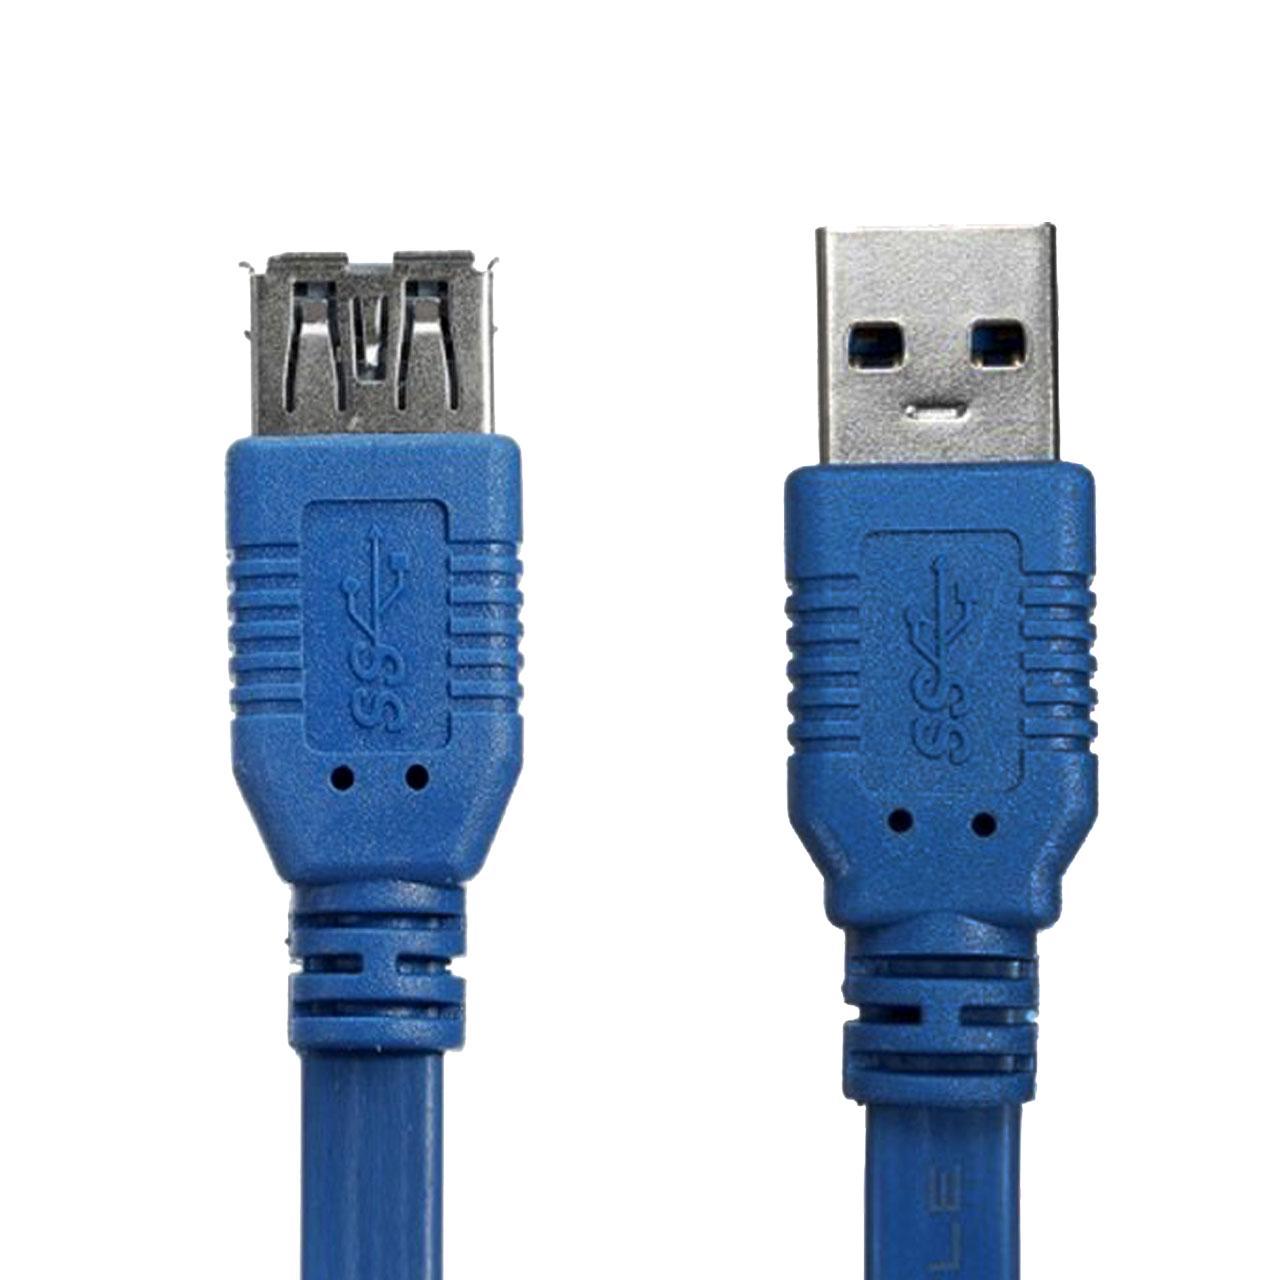 کابل افزایش طول USB 3.0 کینگ هود مدل JH5 طول 1.5 متر